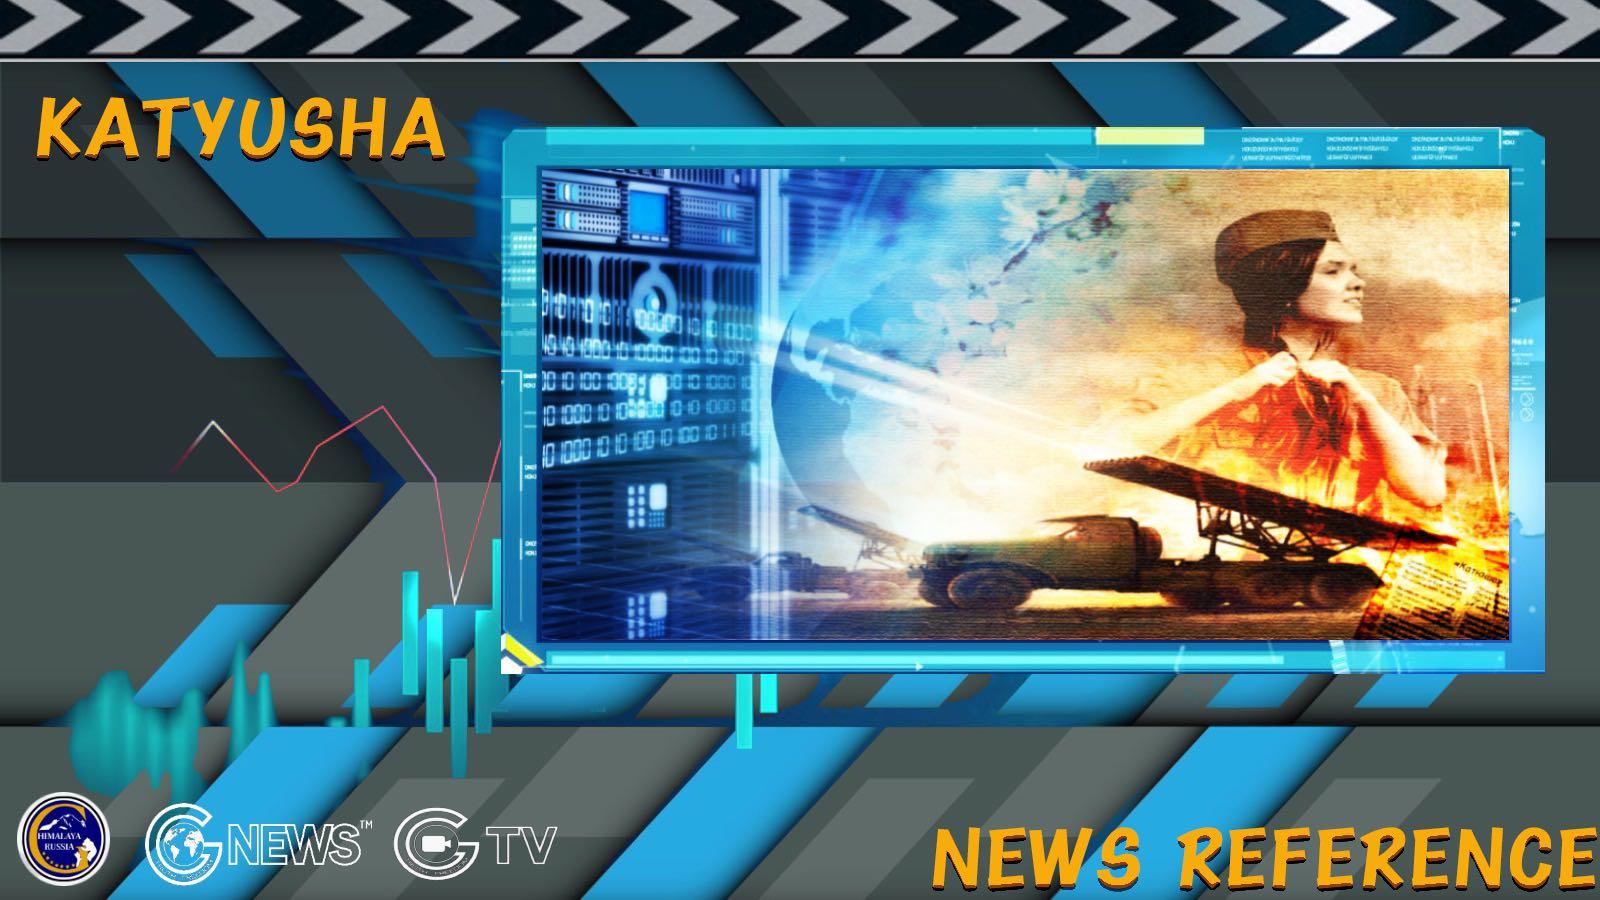 Katyusha News Reference ——April 5, 2021 – GNEWS